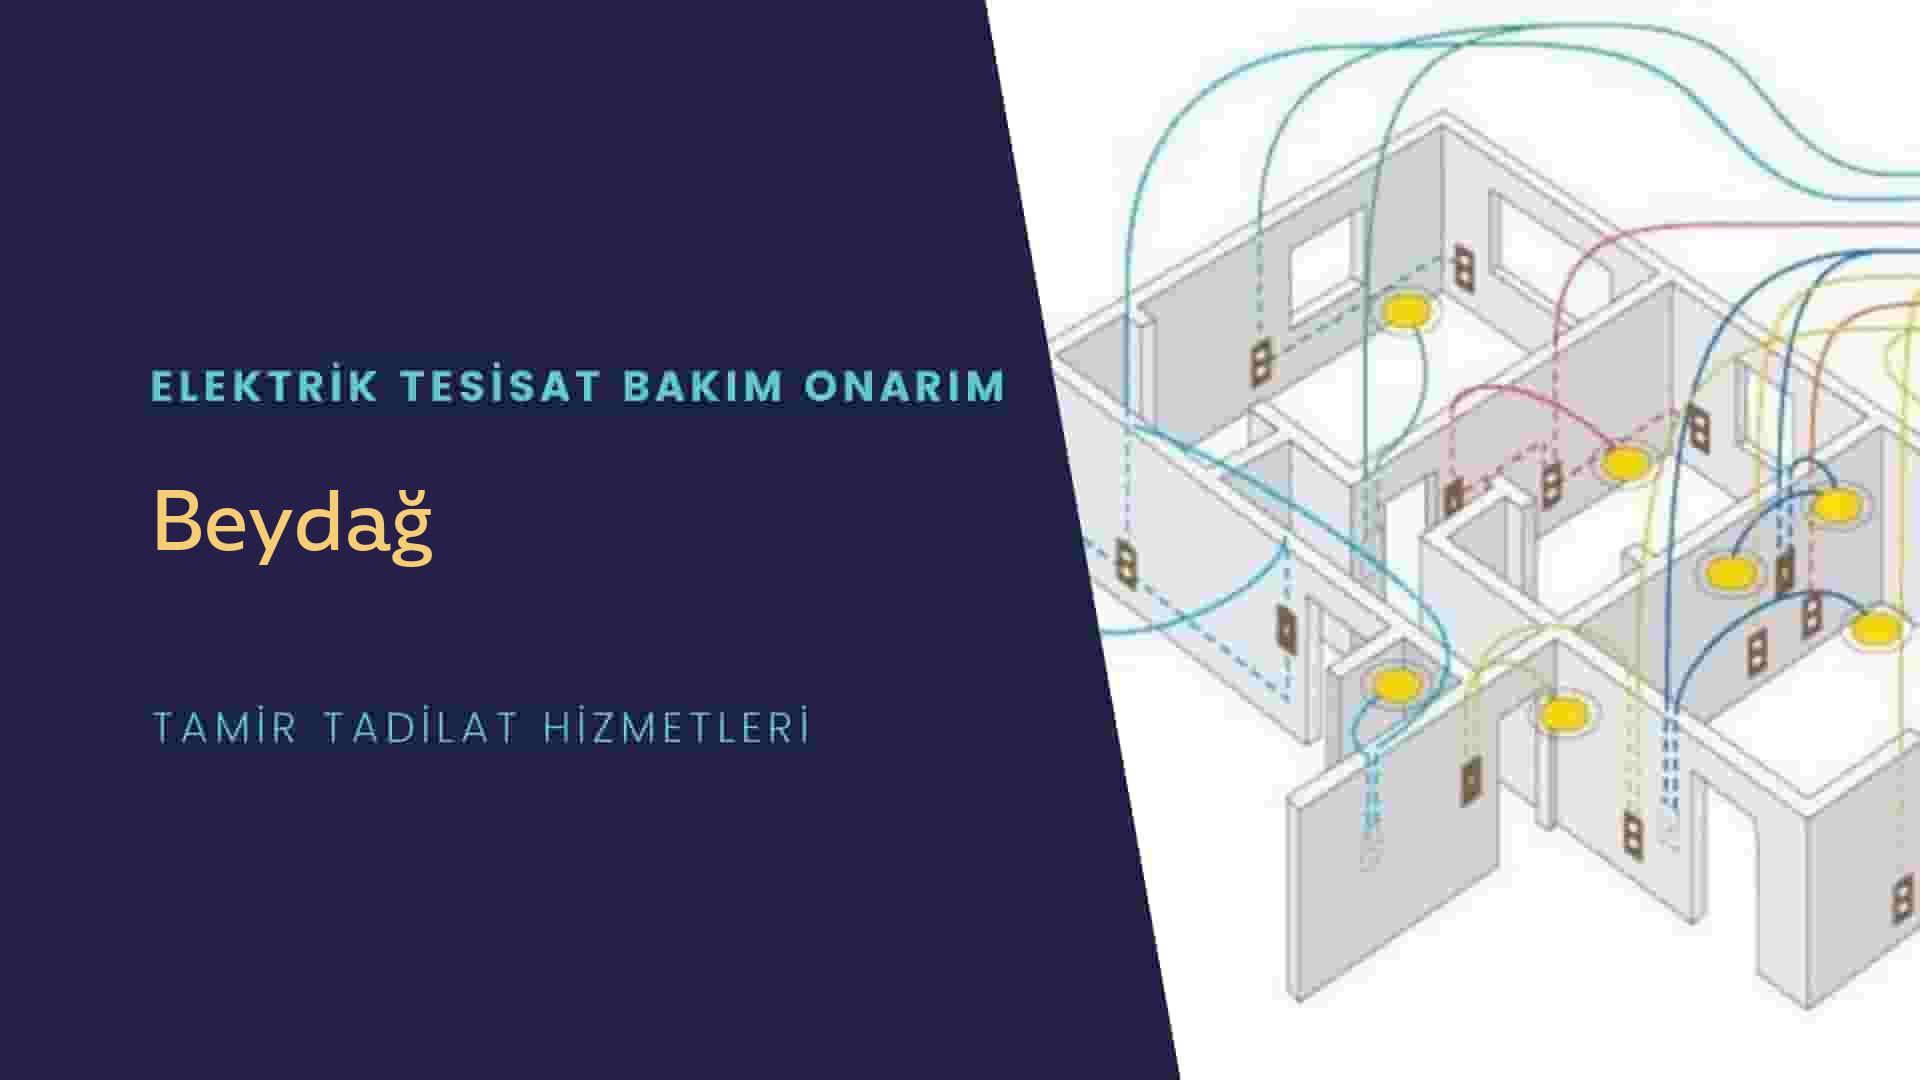 Beydağ'da elektrik tesisatıustalarımı arıyorsunuz doğru adrestenizi Beydağ elektrik tesisatı ustalarımız 7/24 sizlere hizmet vermekten mutluluk duyar.